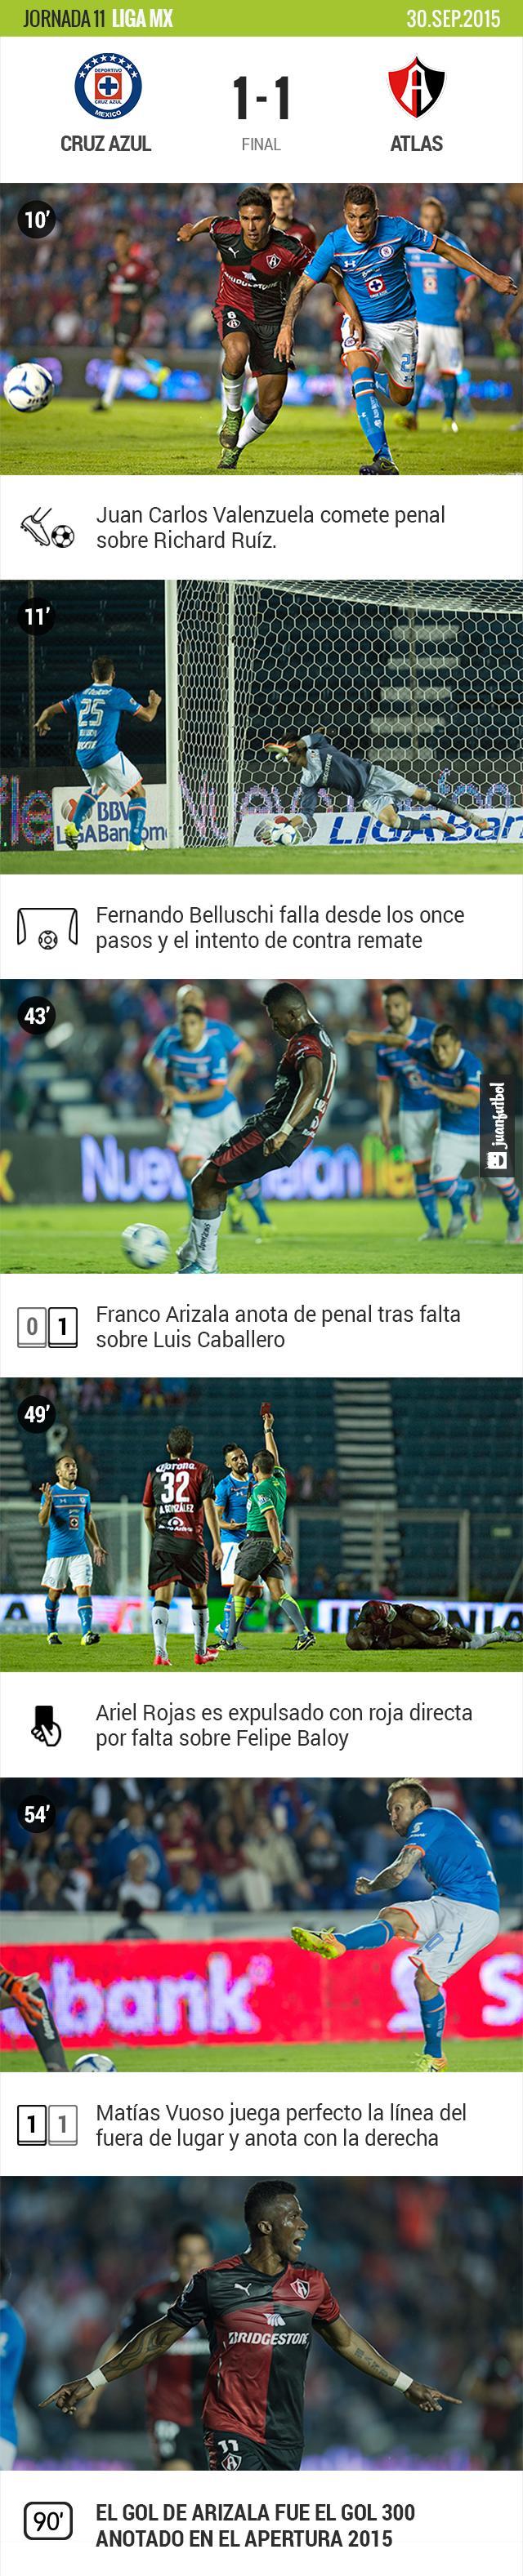 Cruz Azul y Atlas empatan 1-1 en la Jornada 11 de la Liga MX